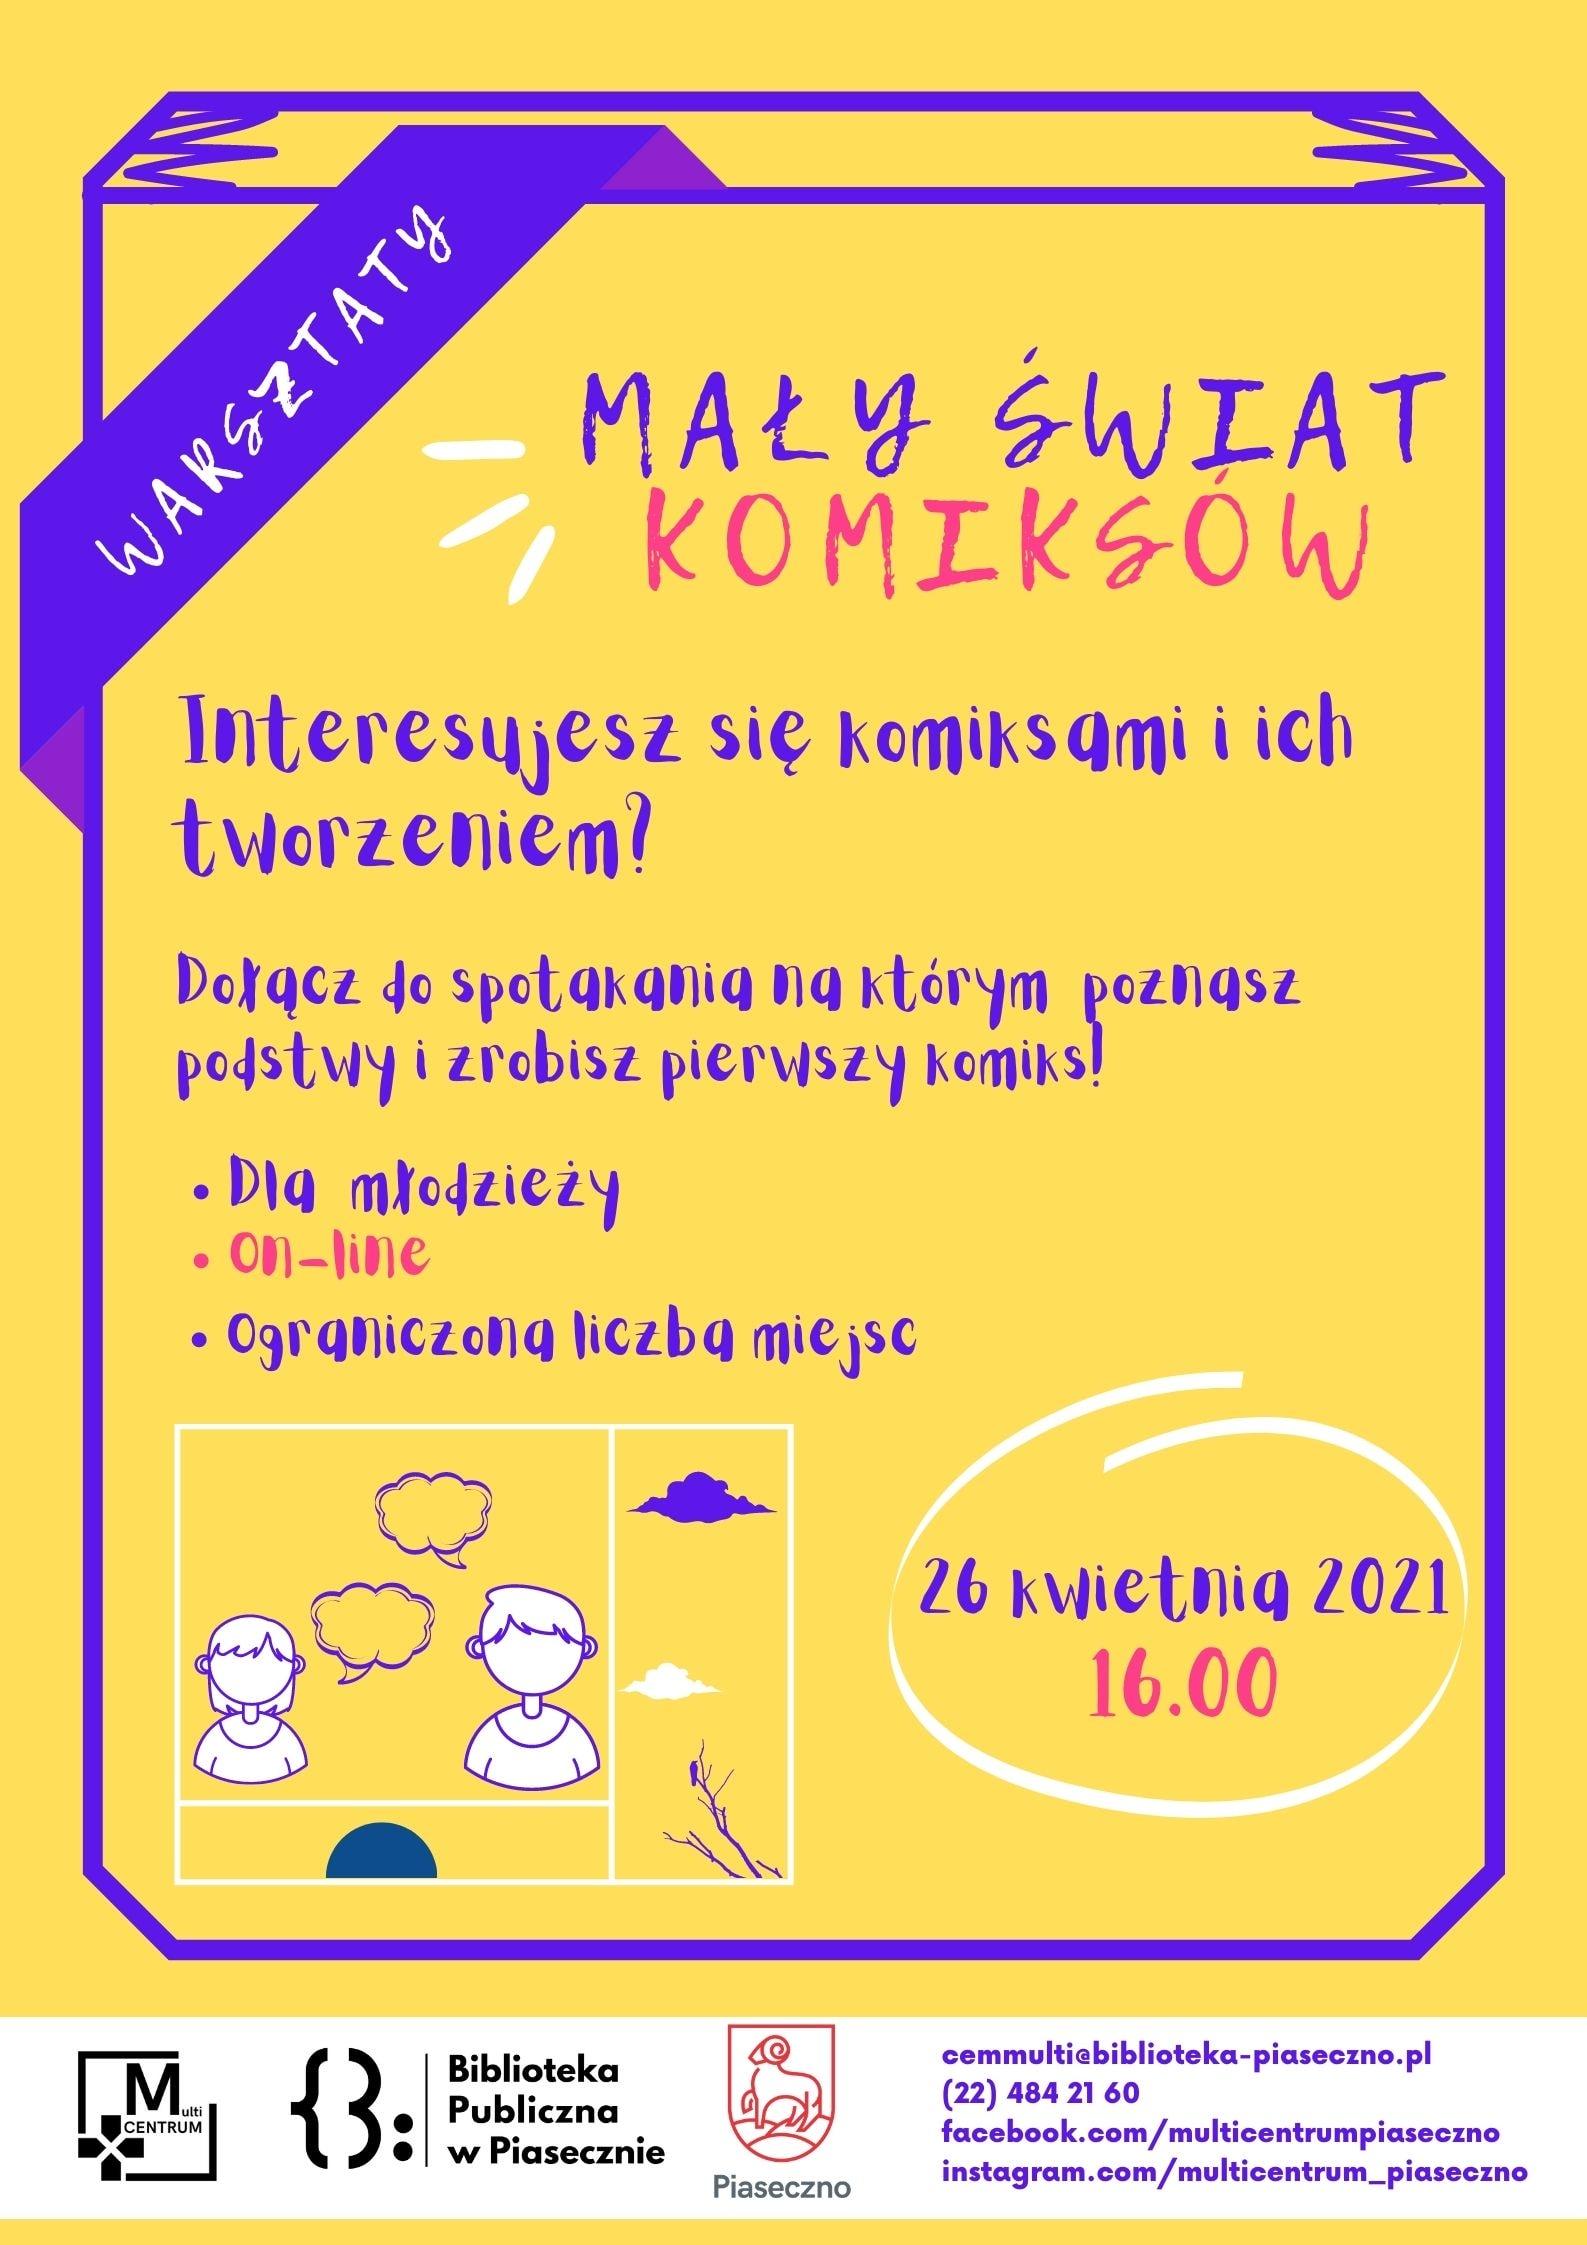 Plakat zachęcający do udziału w warsztatach komiksowych